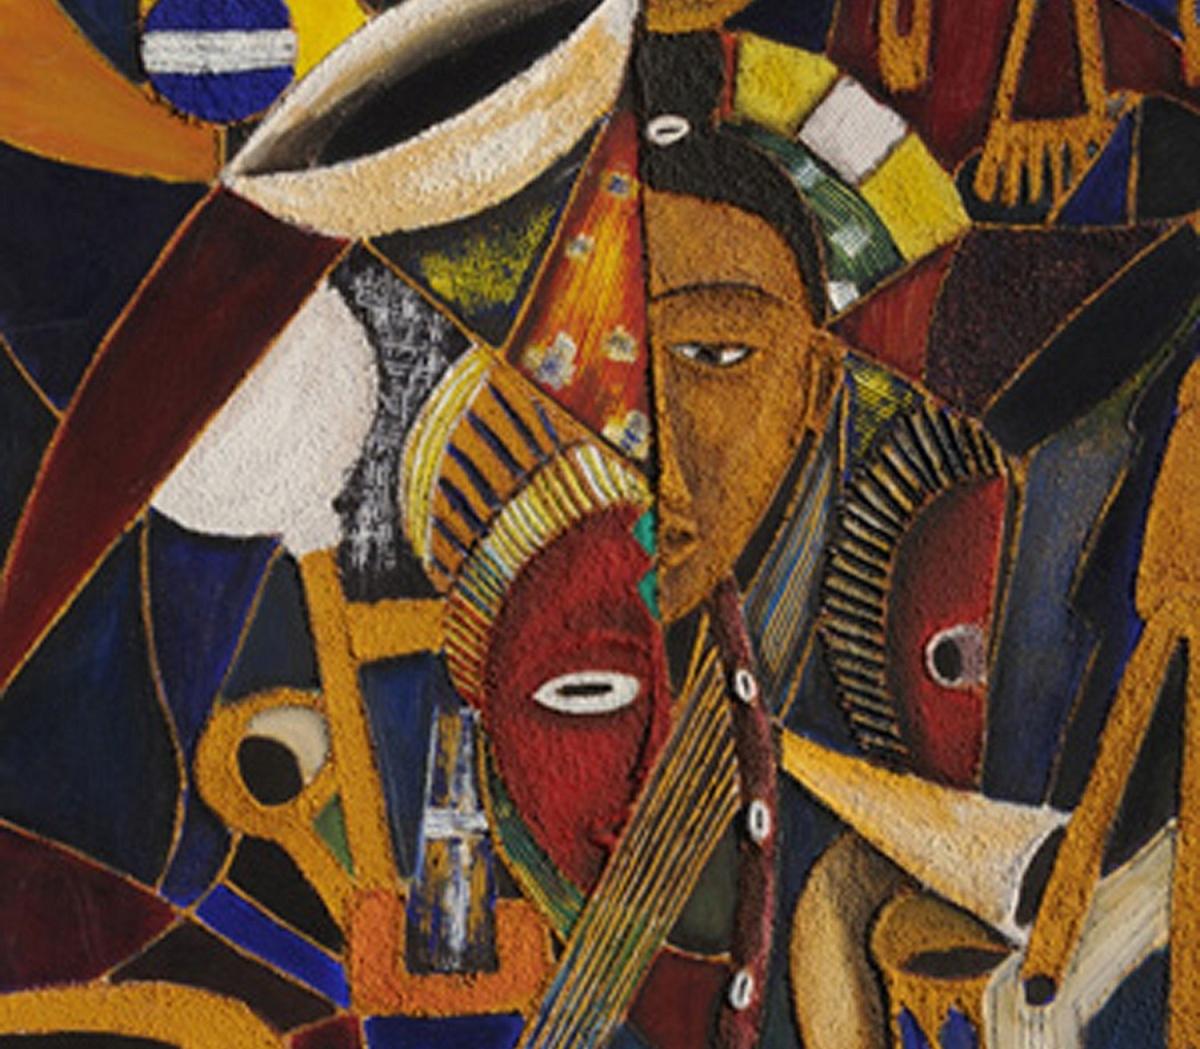 L'Angolo di Marta Lock (IE): Tradizione e nostalgia nei bassorilievi cubisti di Laurent Tia